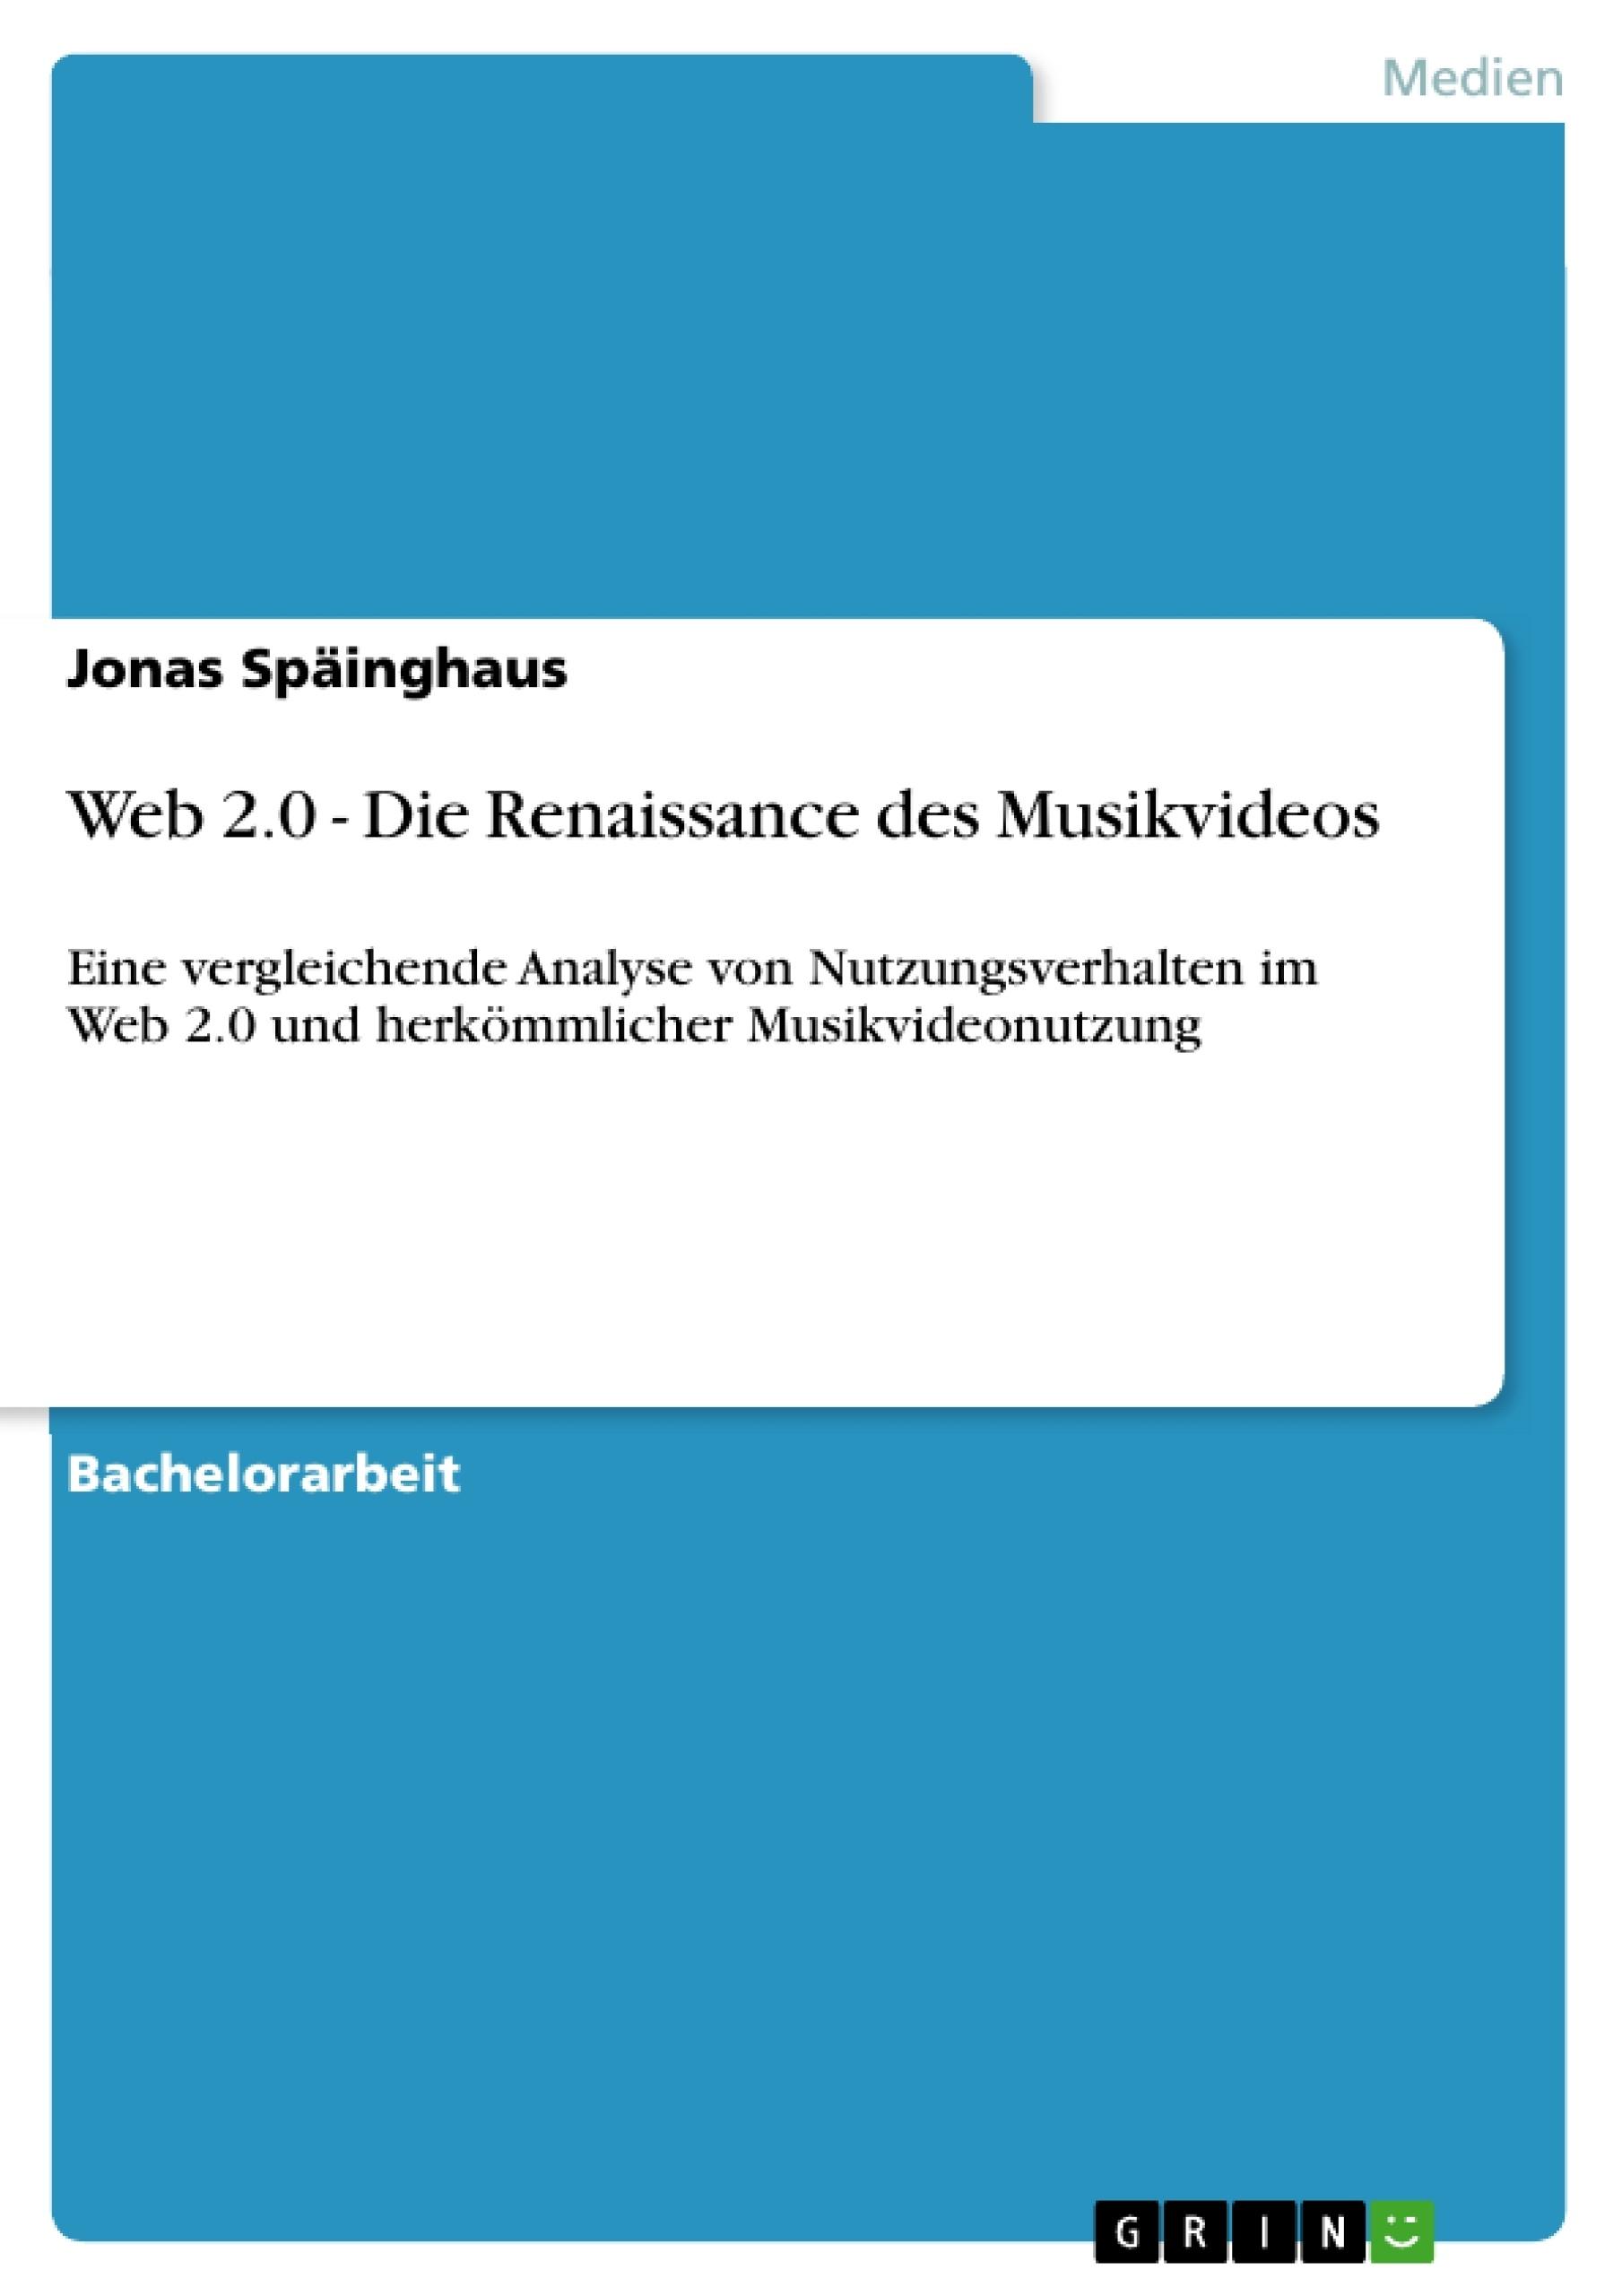 Titel: Web 2.0 - Die Renaissance des Musikvideos